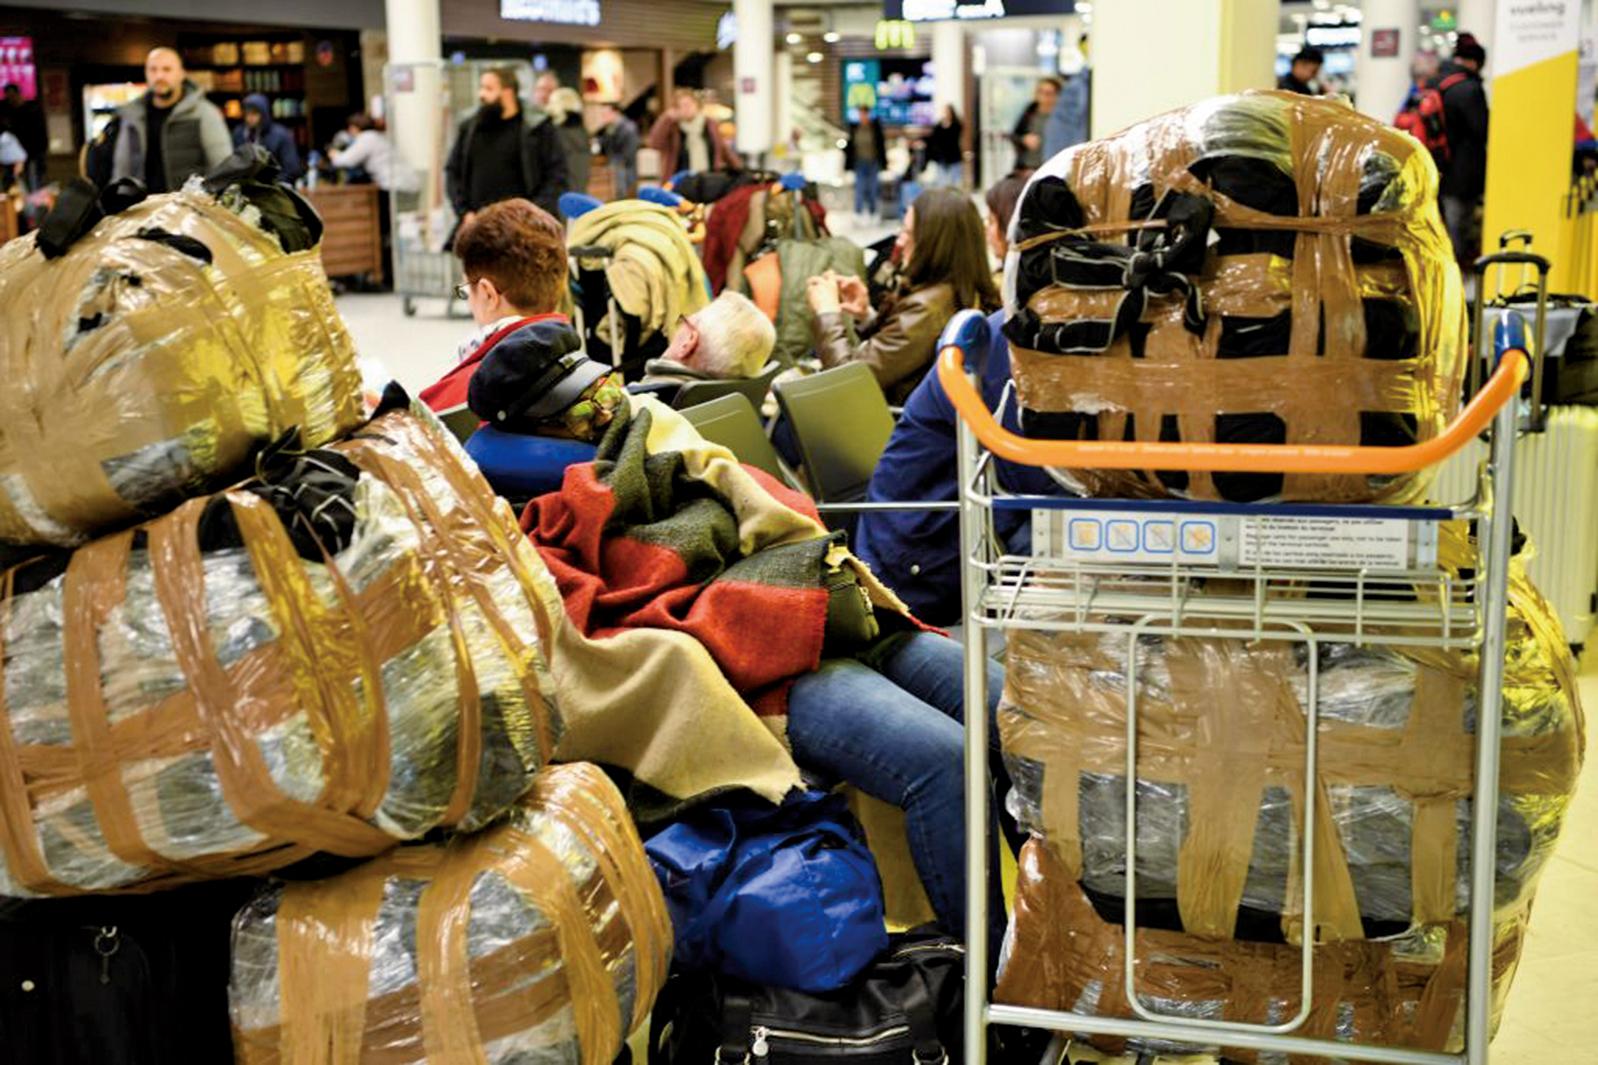 12月5日,法國發生全國性大罷工,圖為乘客停滯在法國機場。(AFP)